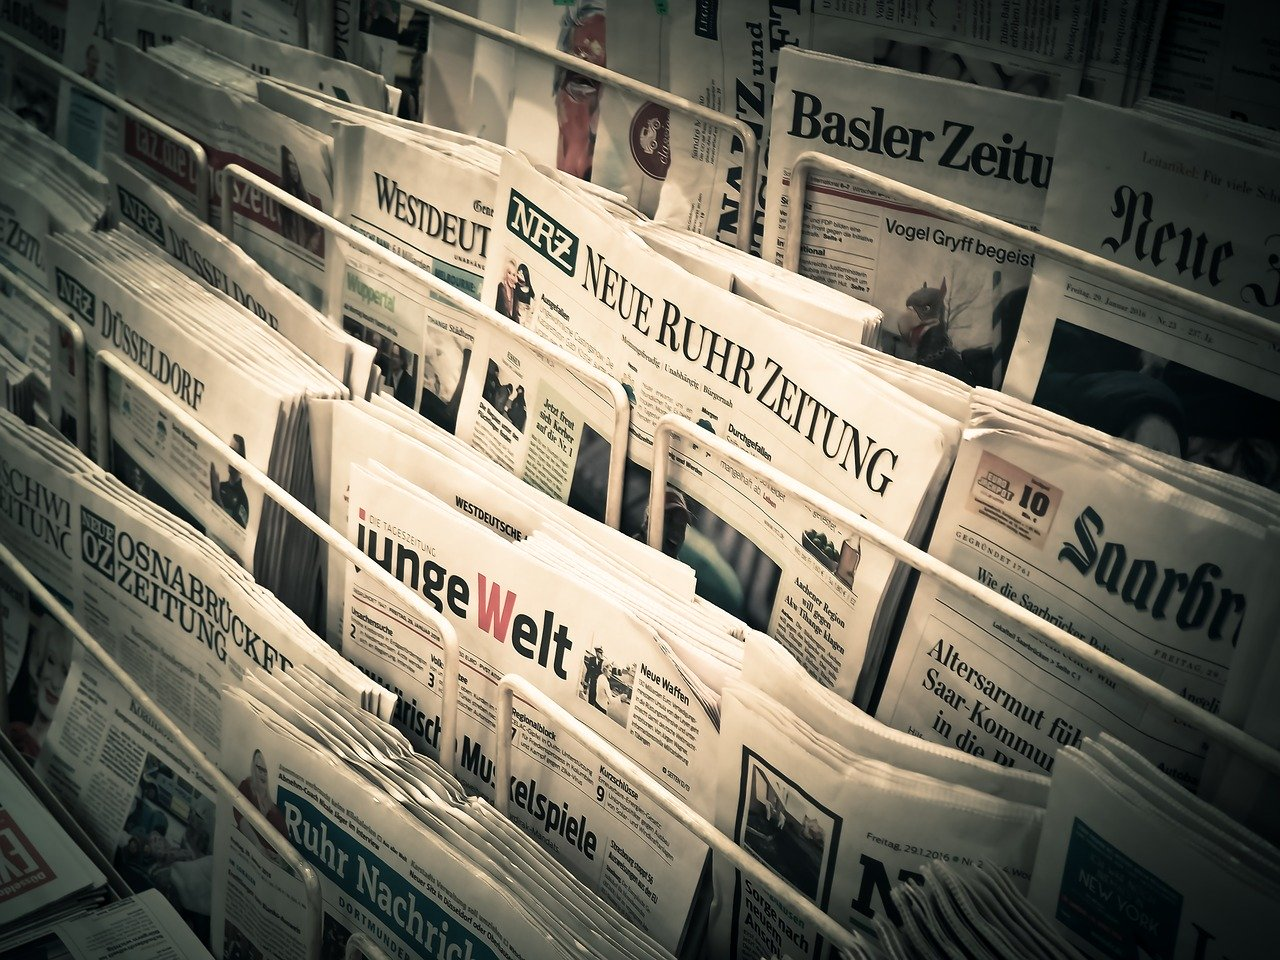 Le journaliste est soumis, comme tout citoyen, aux lois de son pays. (c) Ich bin dann mal raus hier. de Pixabay